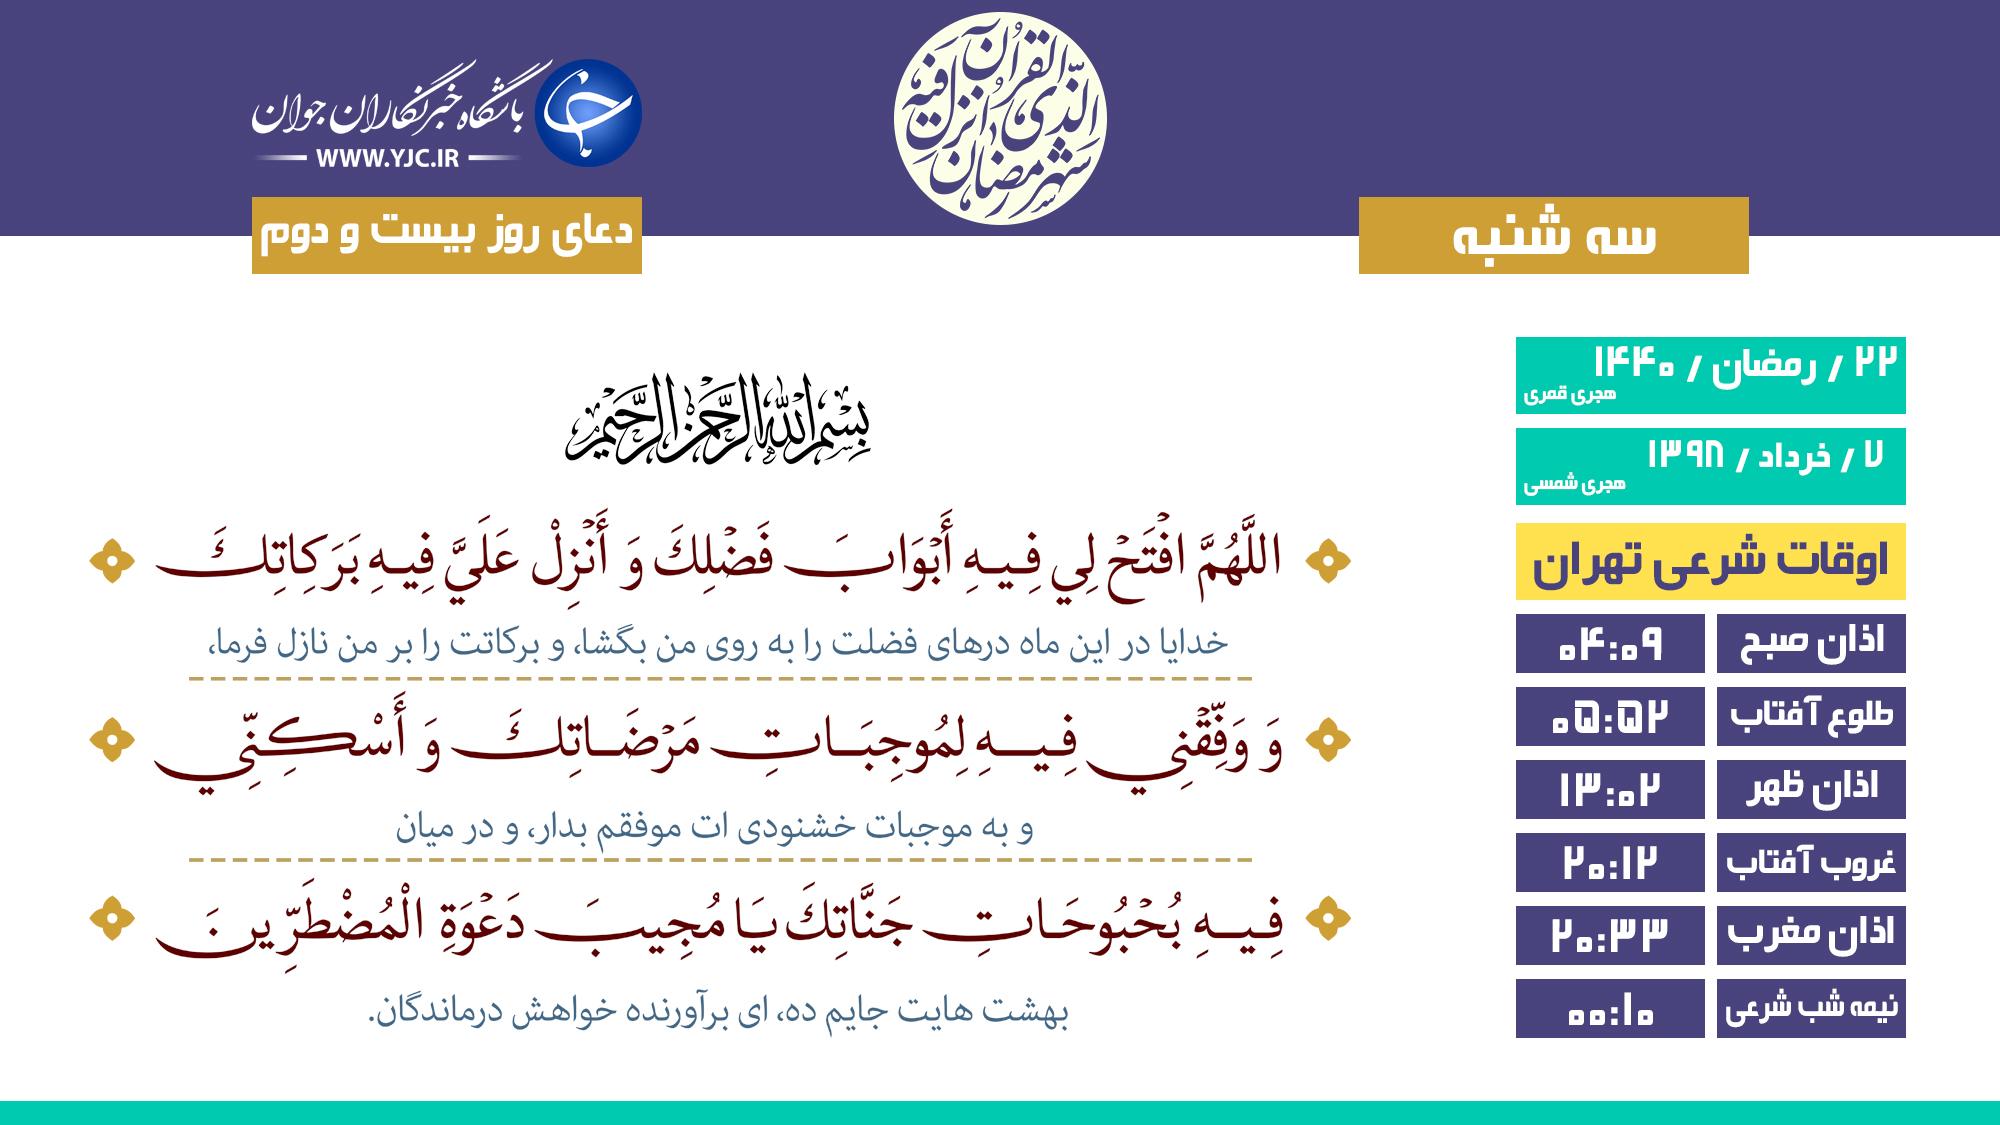 دعای روز بیست و دوم ماه رمضان + فیلم و عکس نوشته